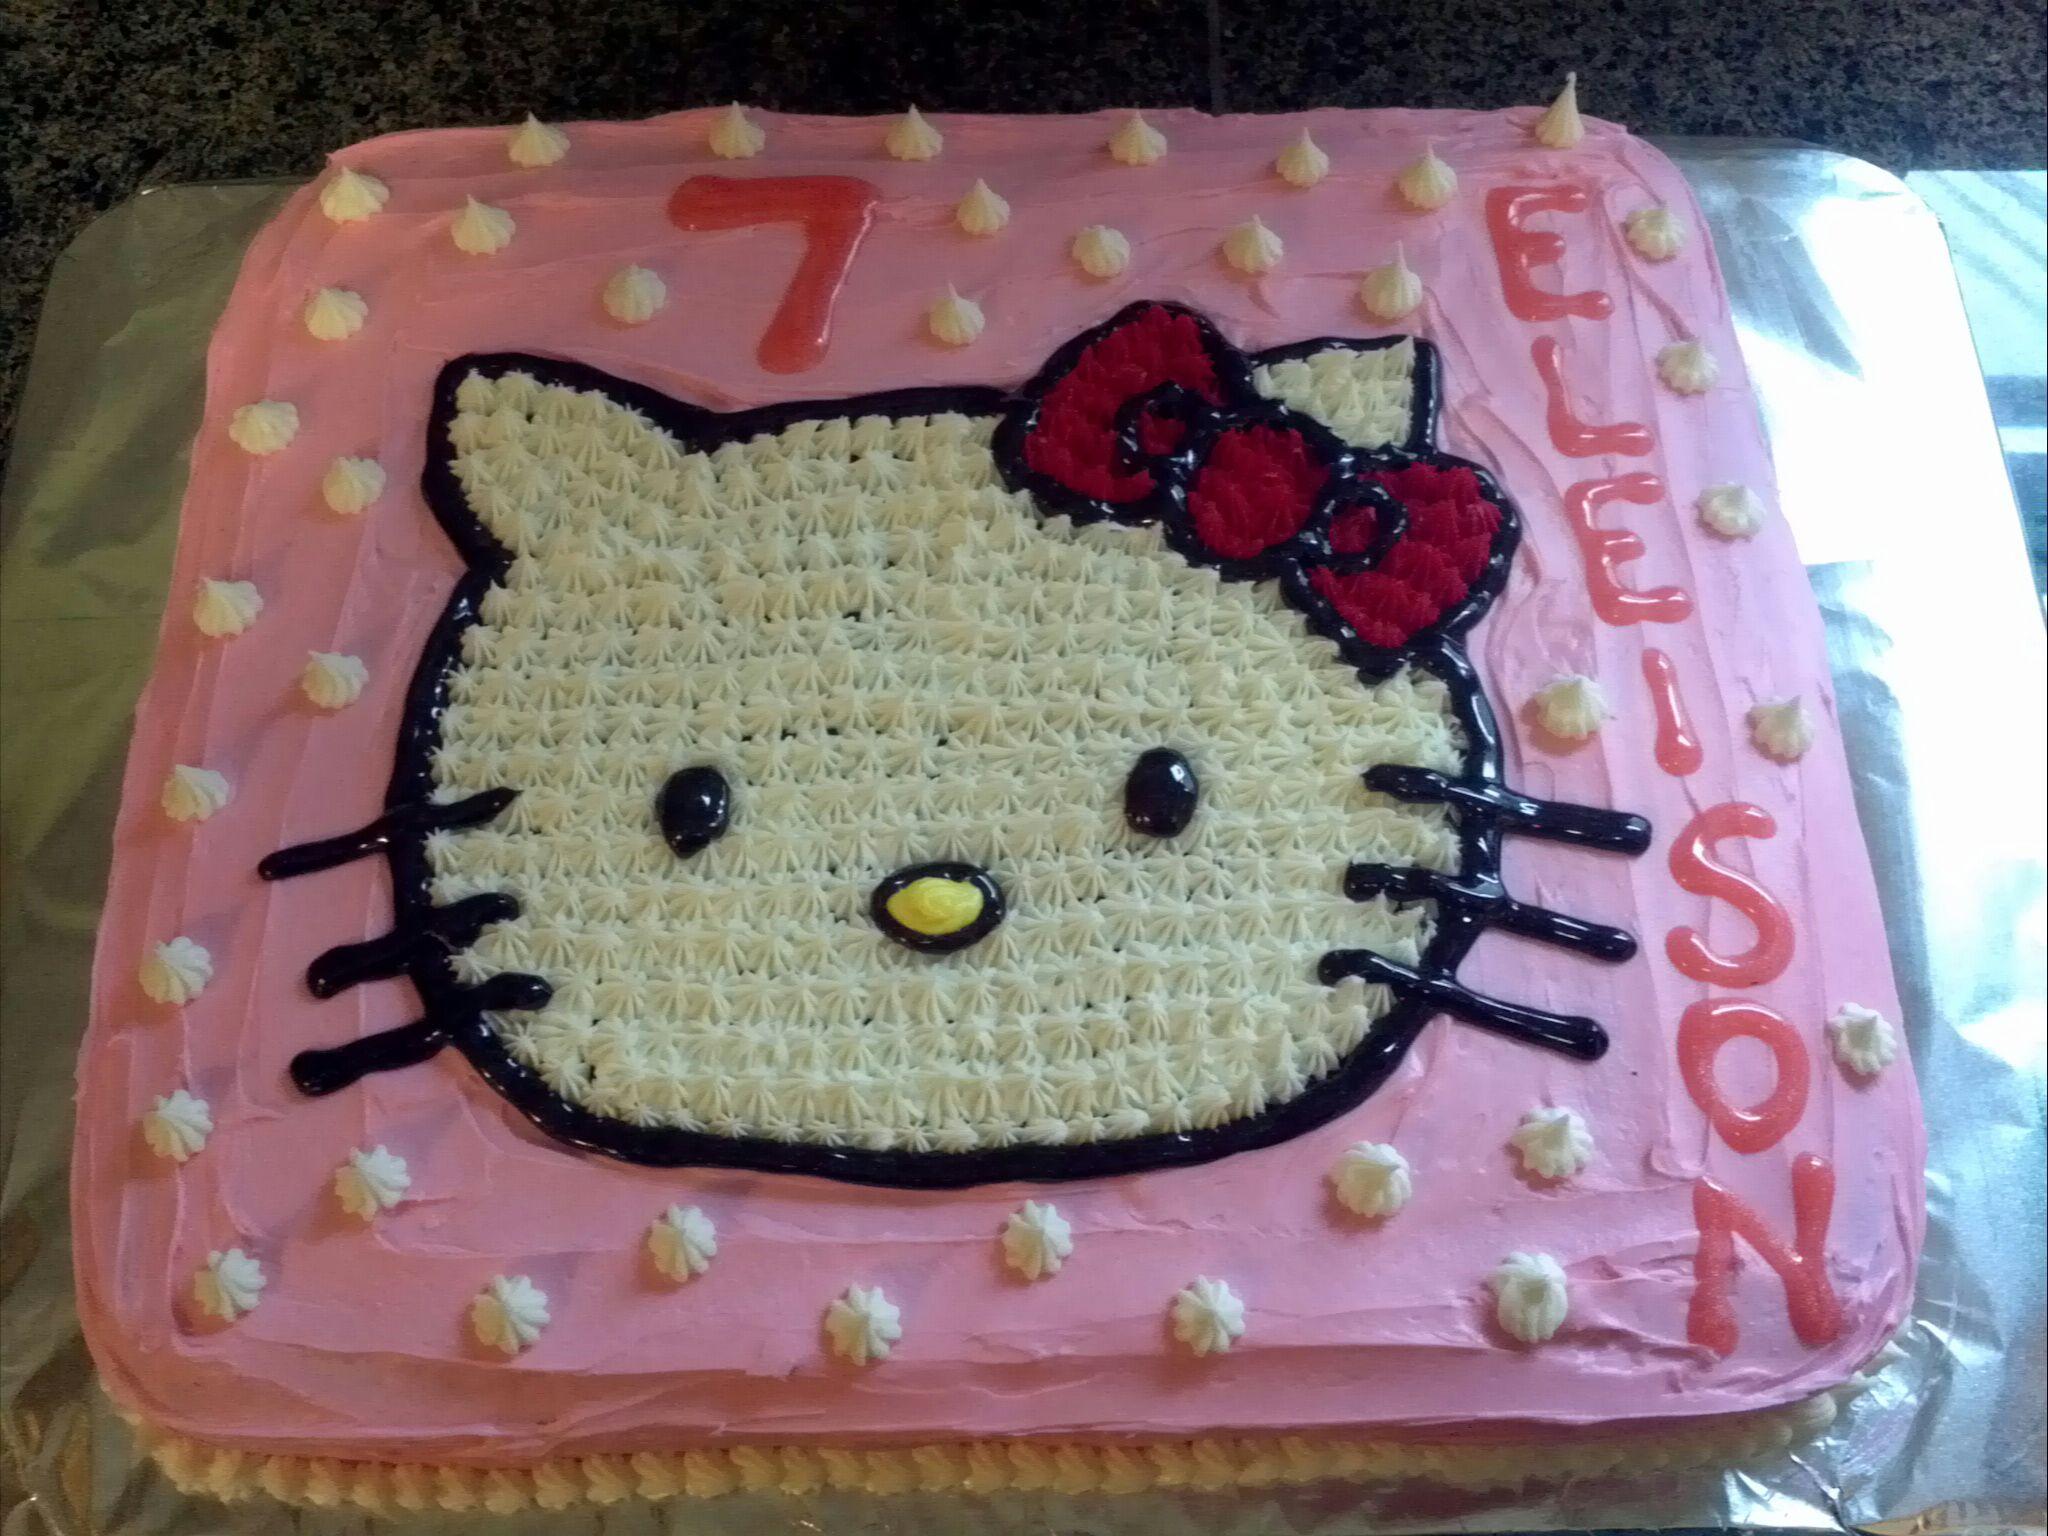 Cake Hello Kitty Birthday : Hello Kitty Birthday Cake   ZigsPics.com